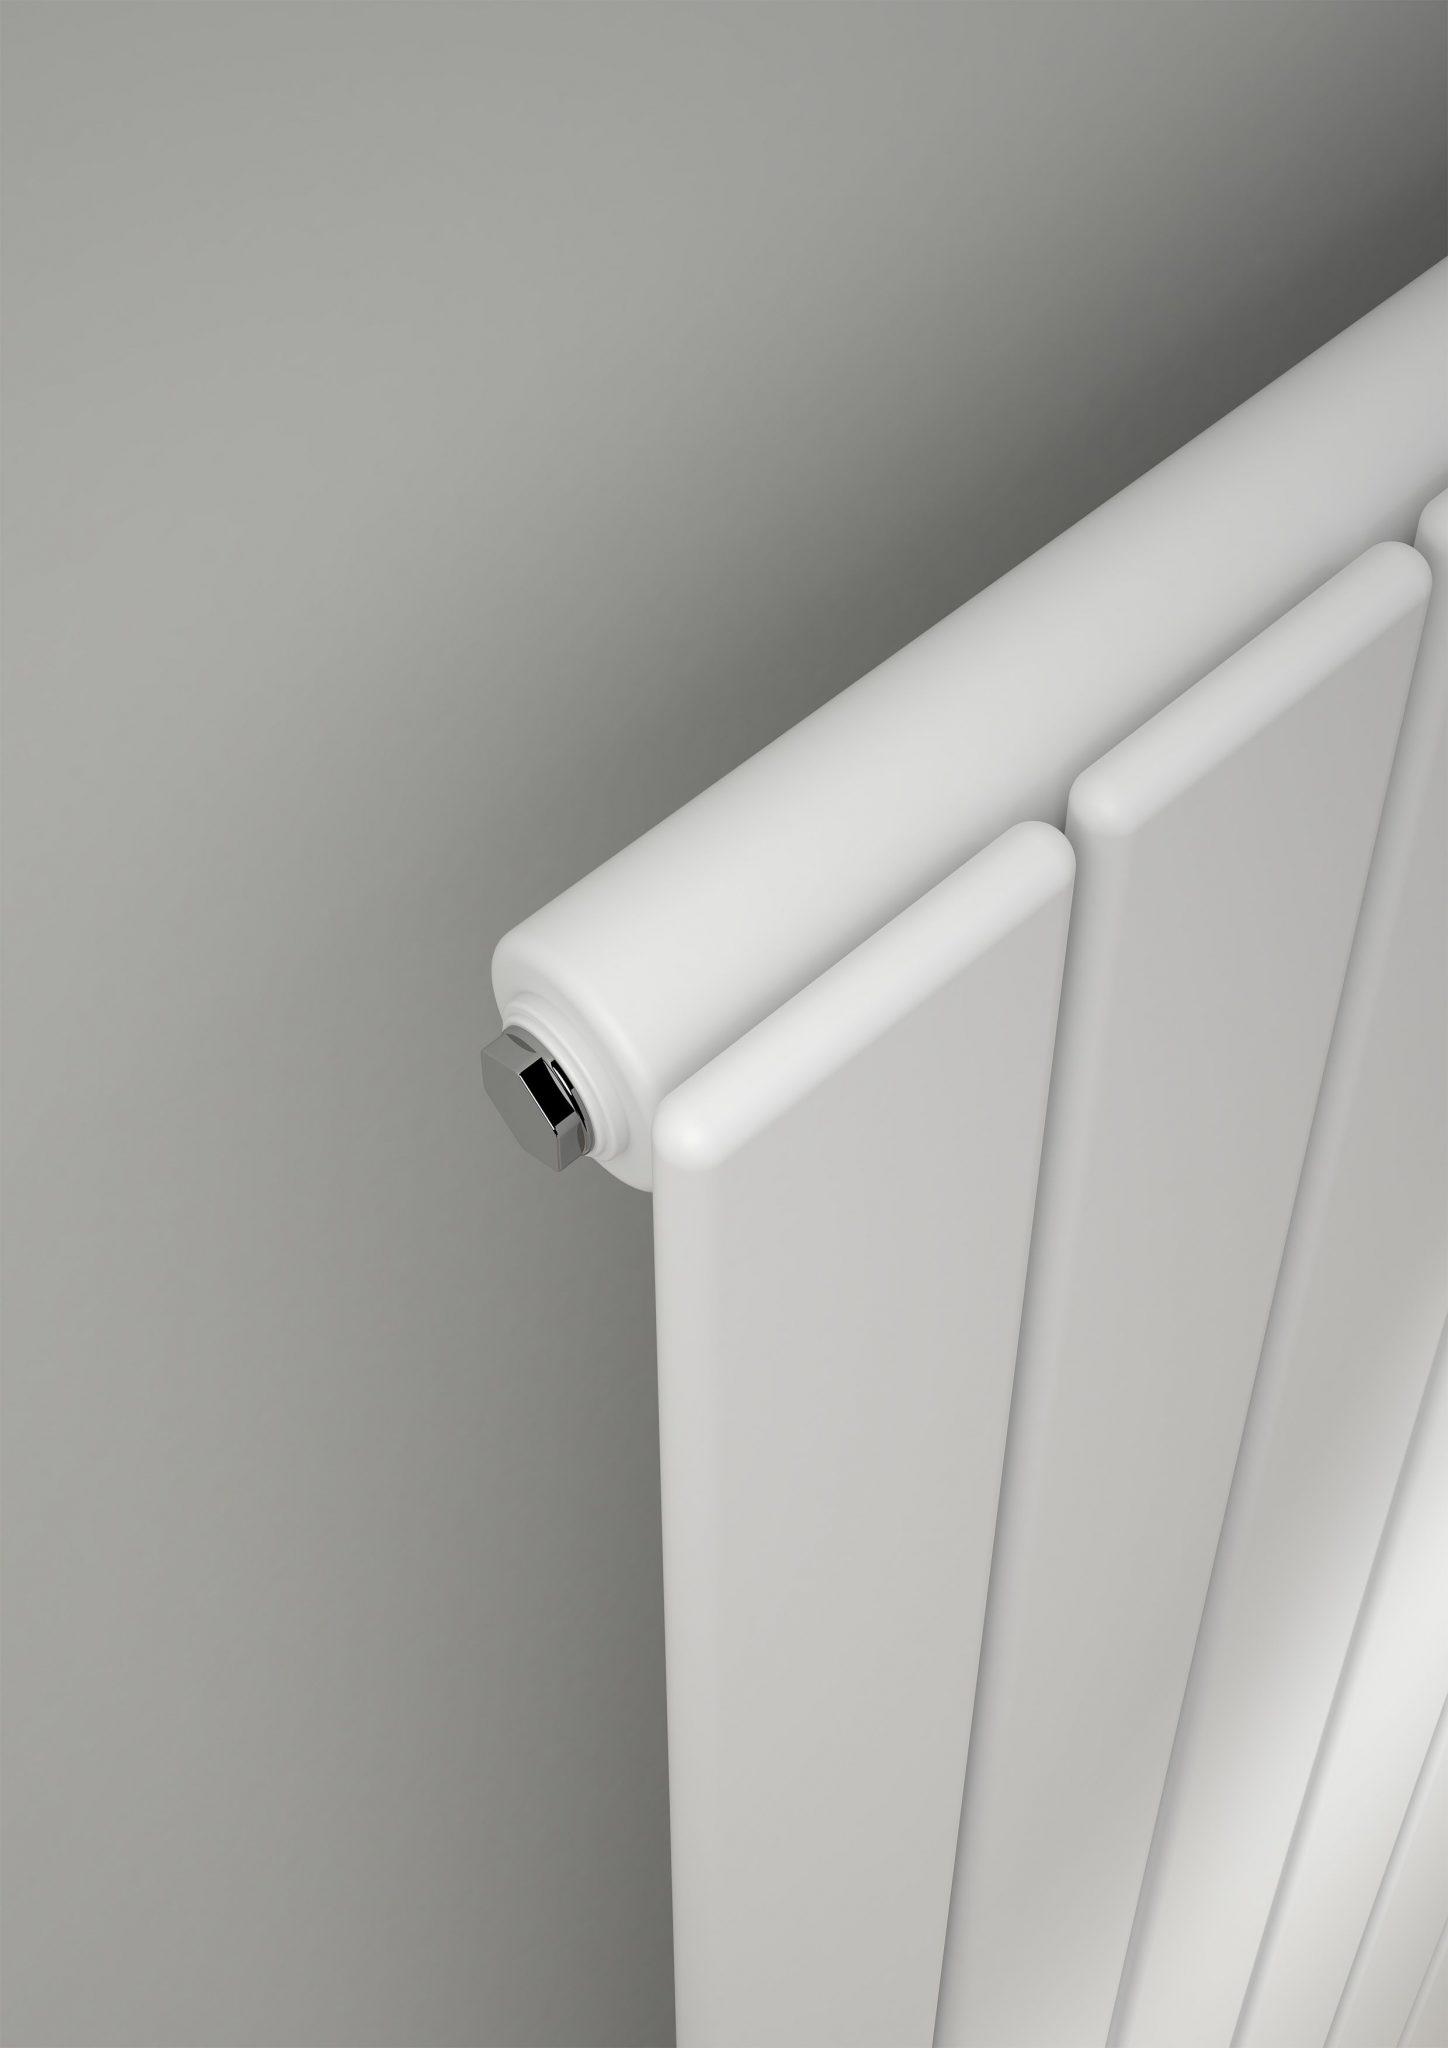 kudox tira slatted radiator vertical type 10v 1800mm x 440mm white 2 244 p 1